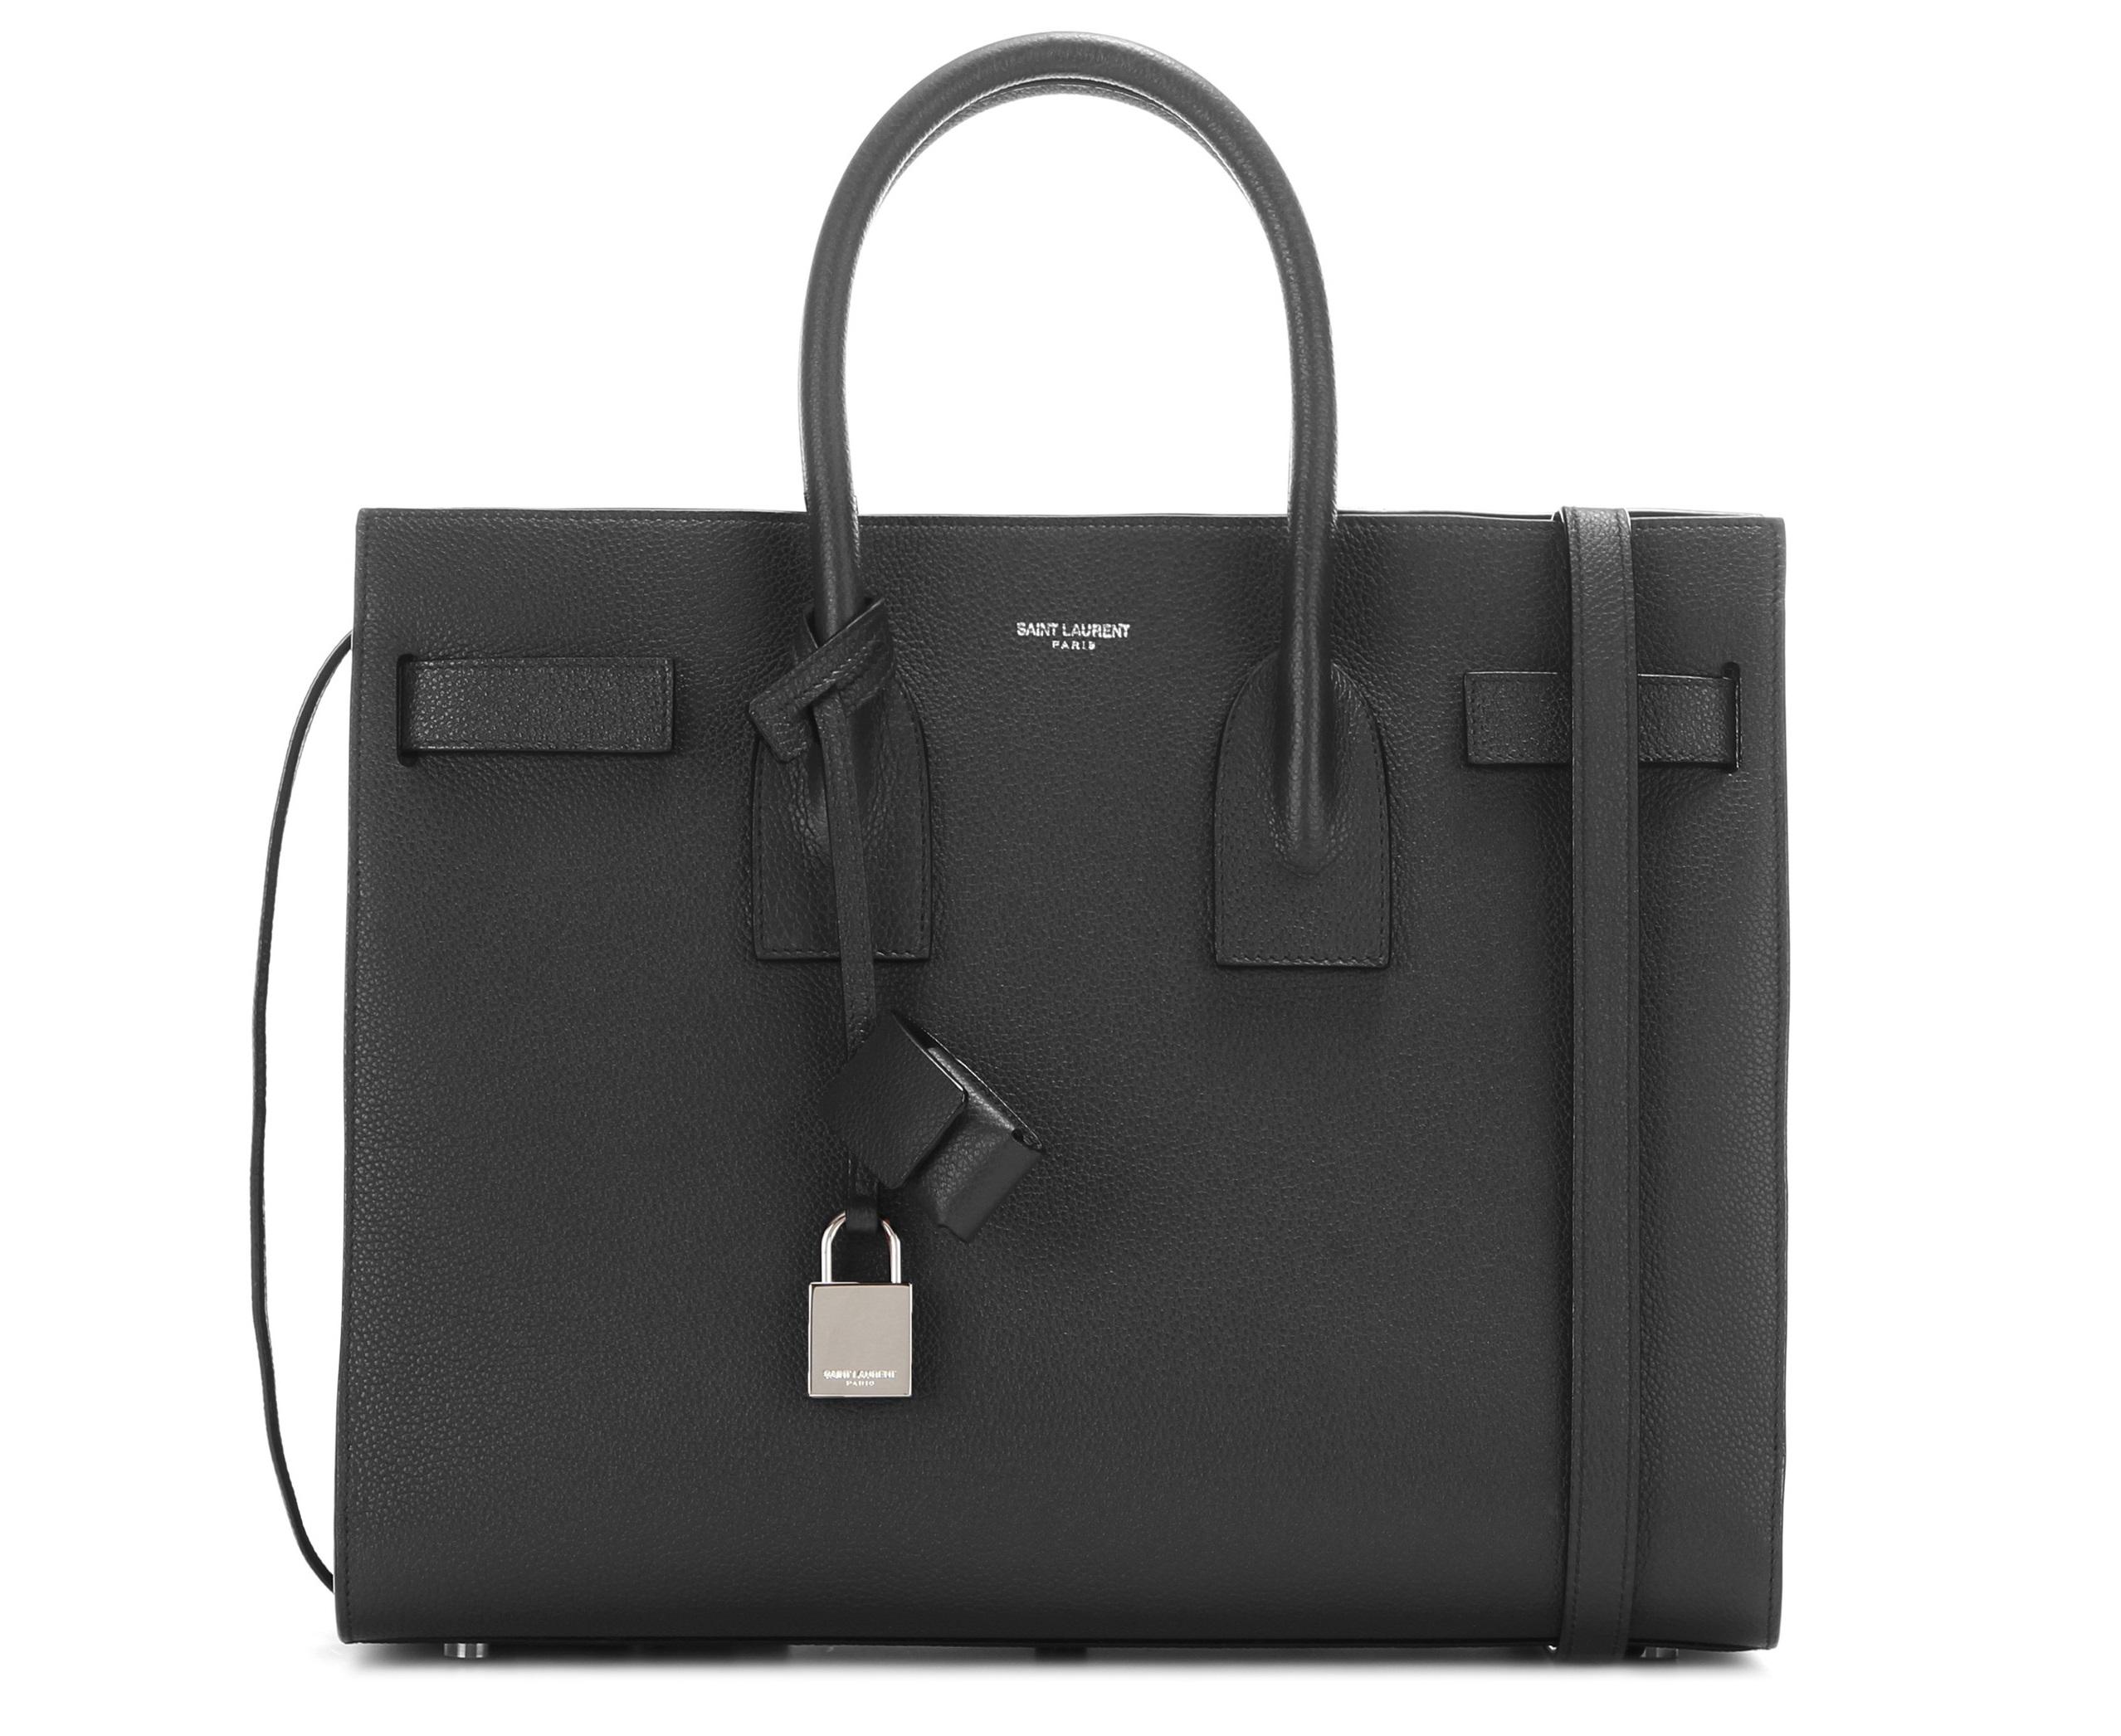 1f8b2a477f Le 10 borse più belle che devi assolutamente avere | Pourfemme